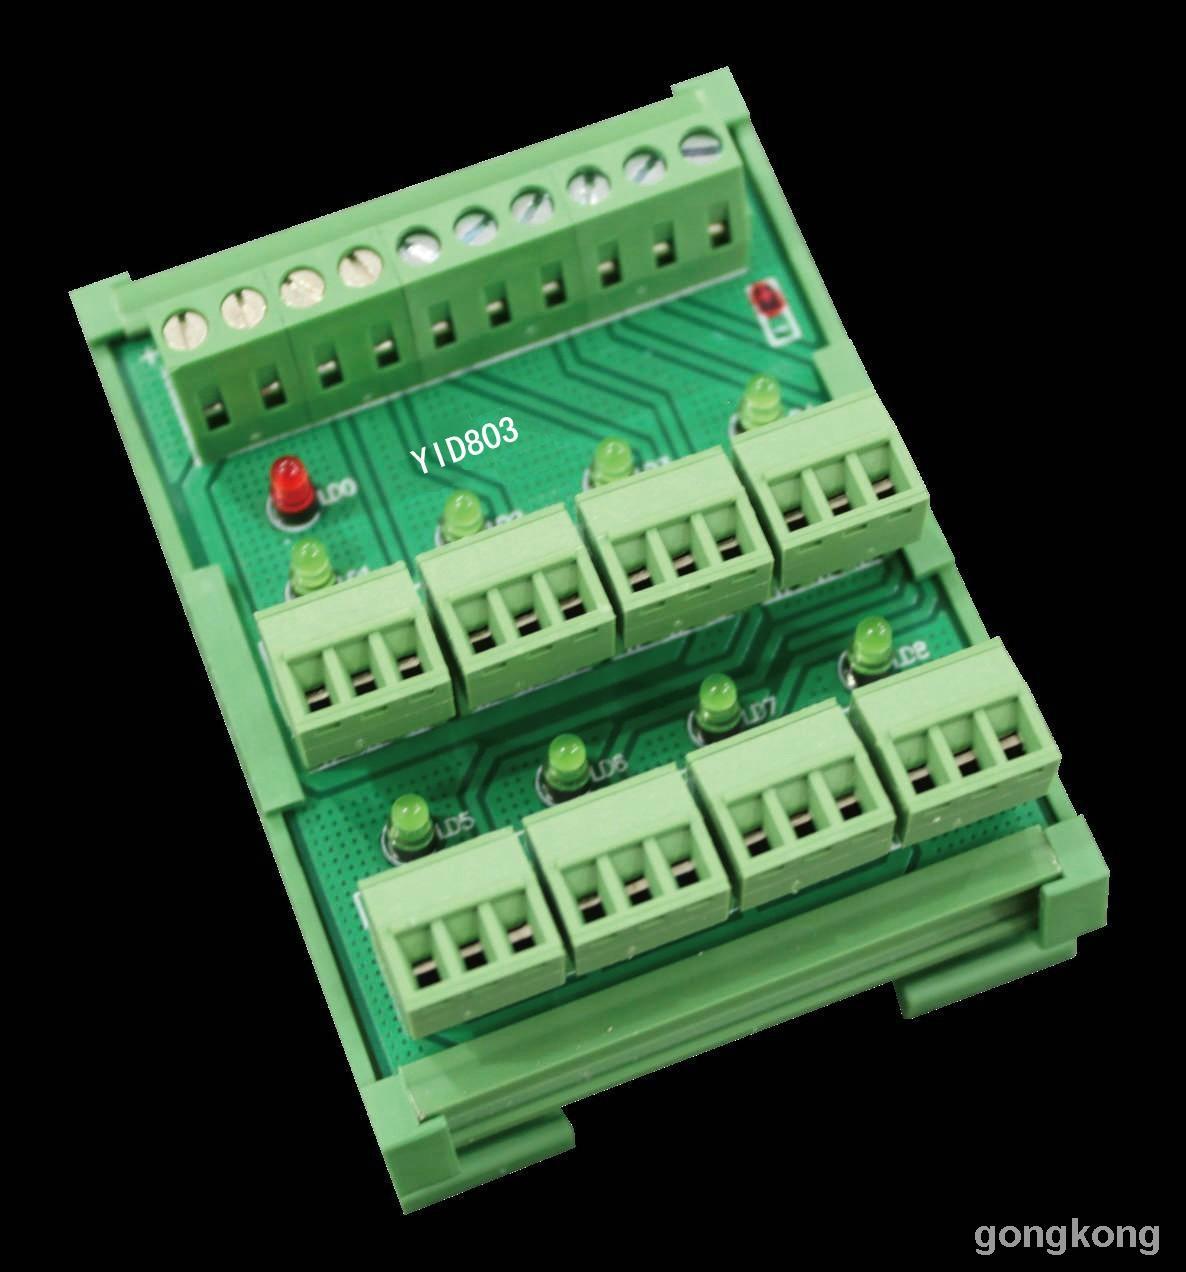 端子模组块 计数模组块 模块式CPU 继电器模组块YID803